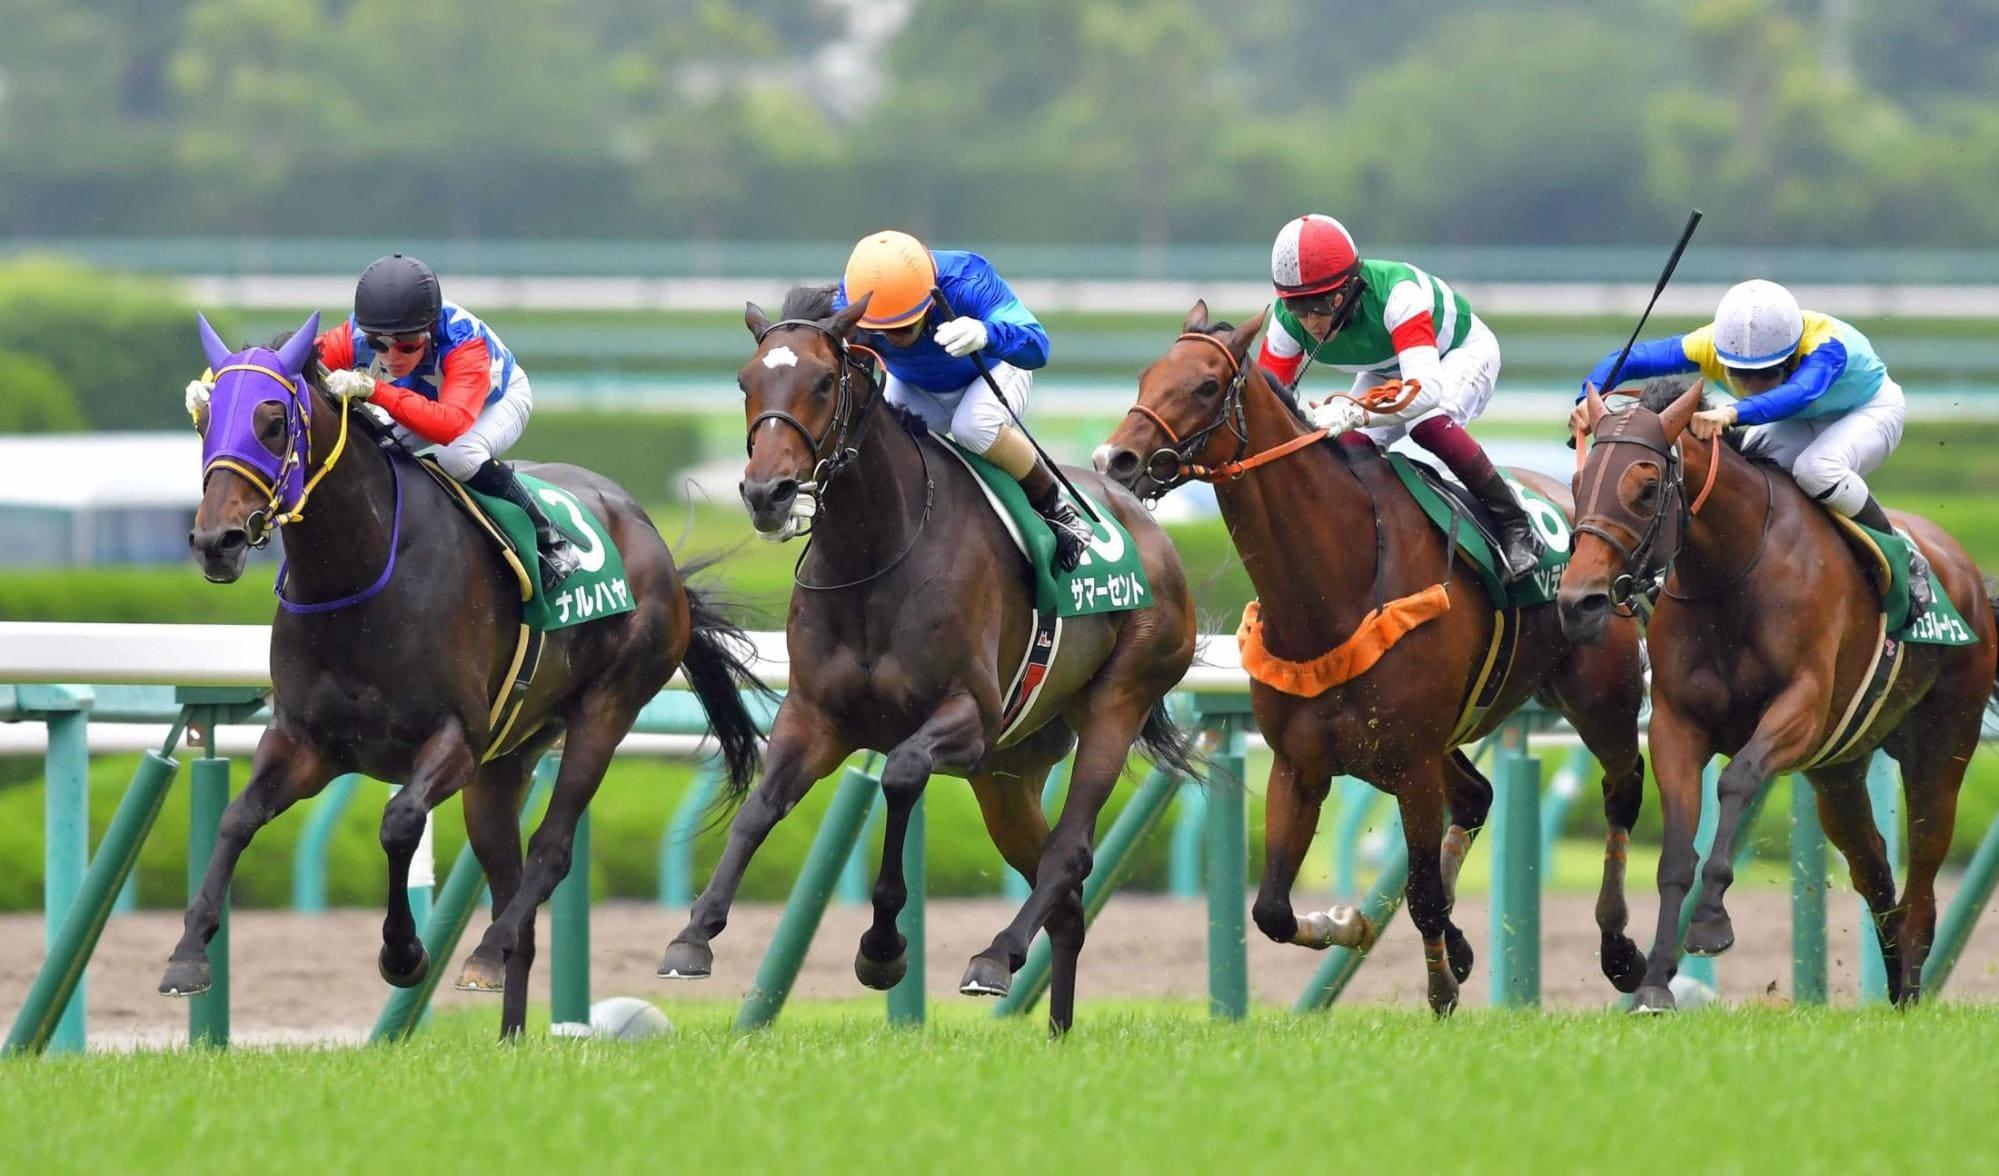 日本の競馬